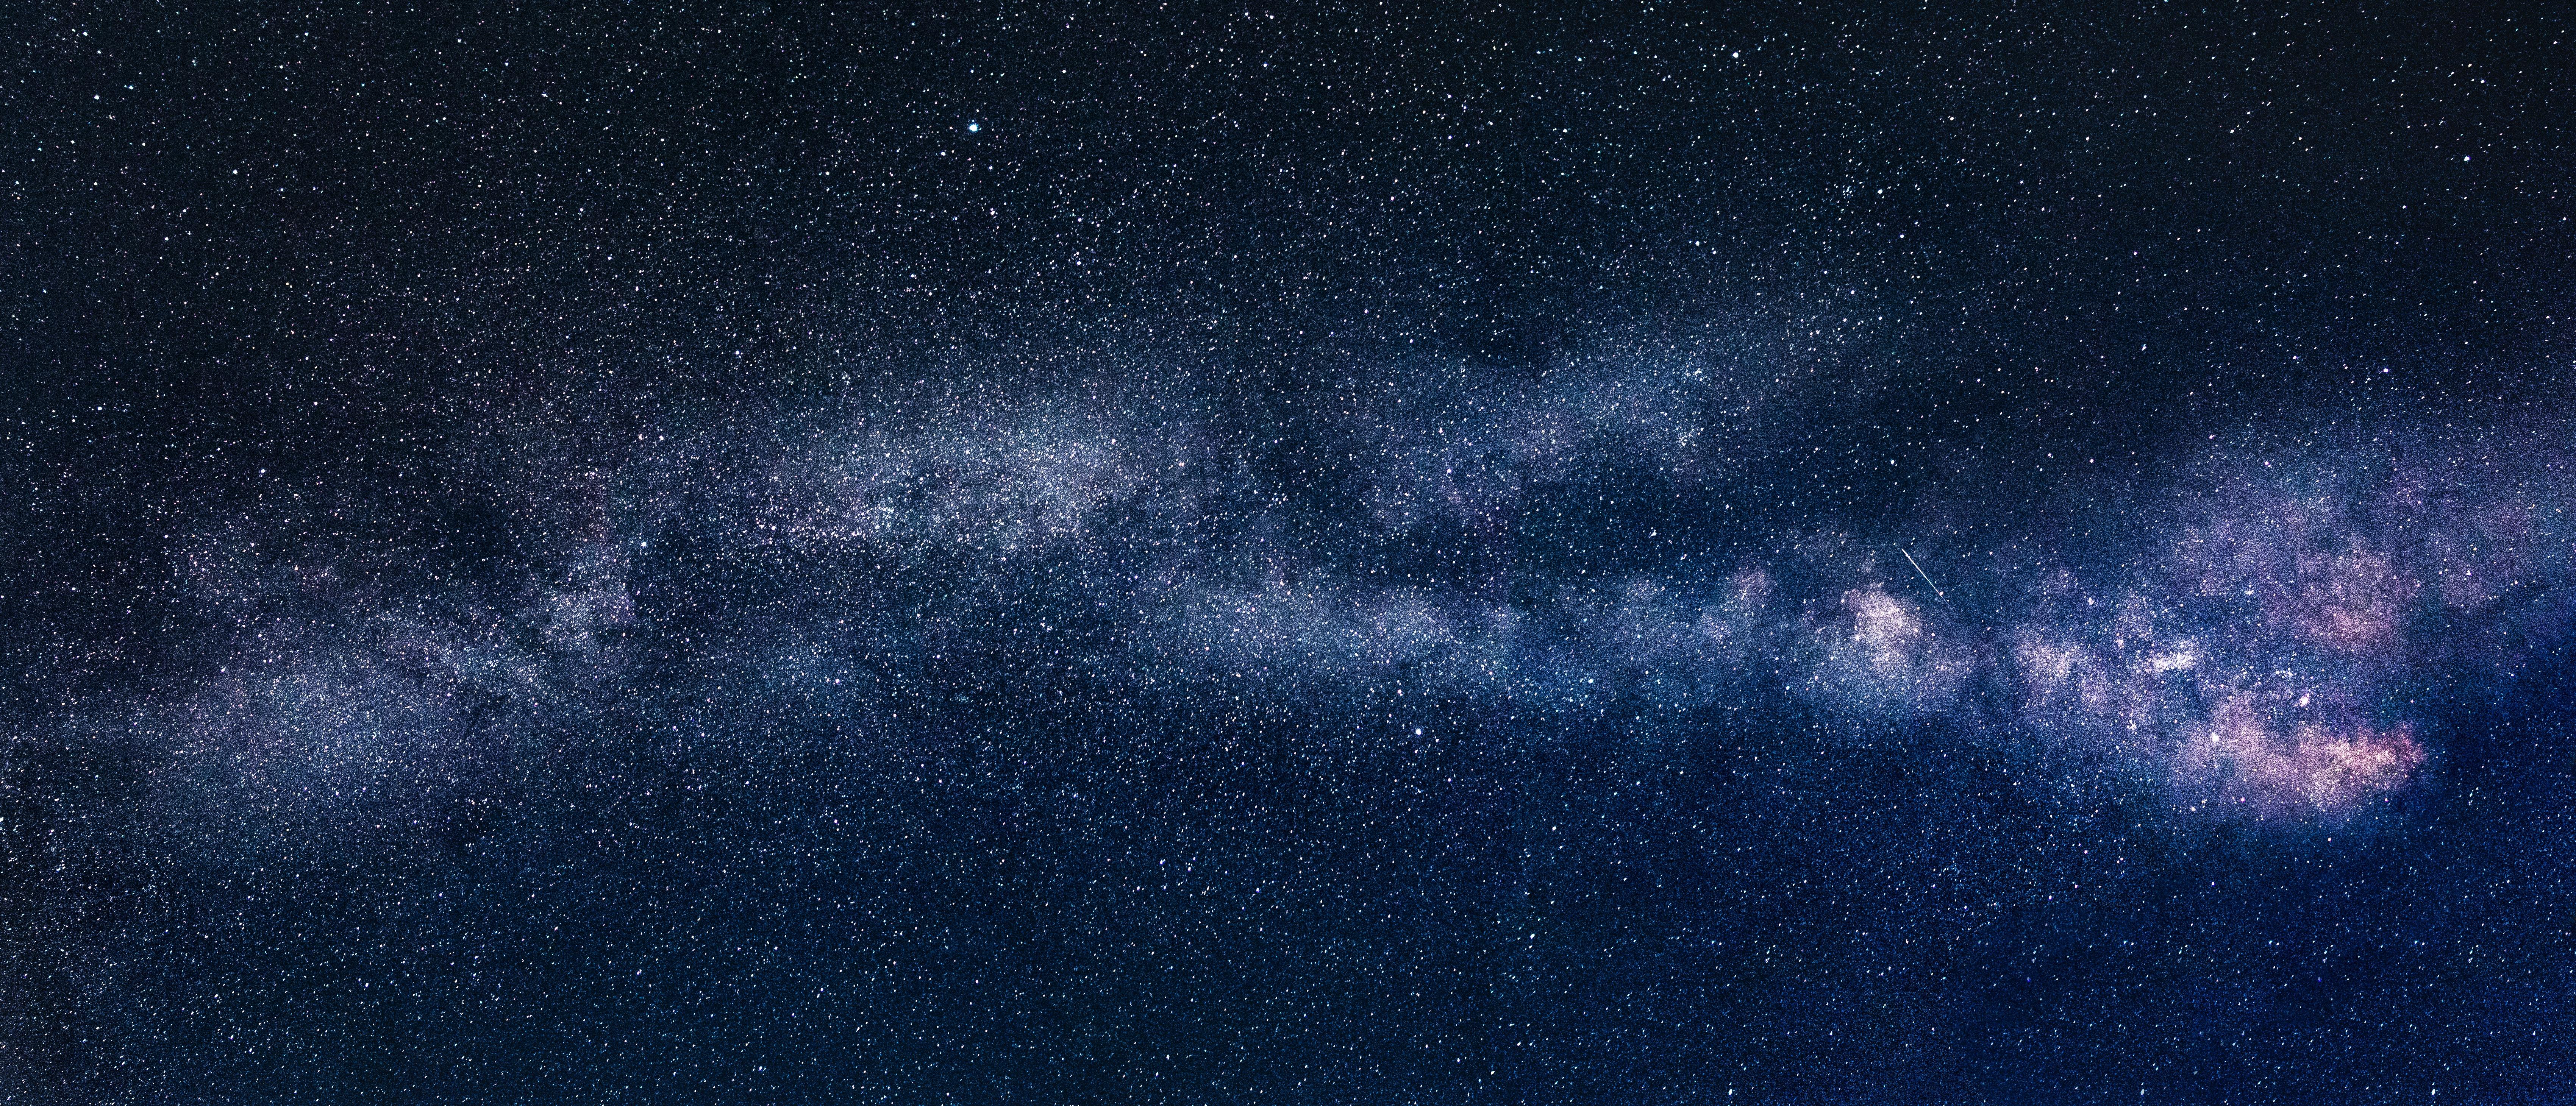 Starry Night Sky · Free Stock Photo